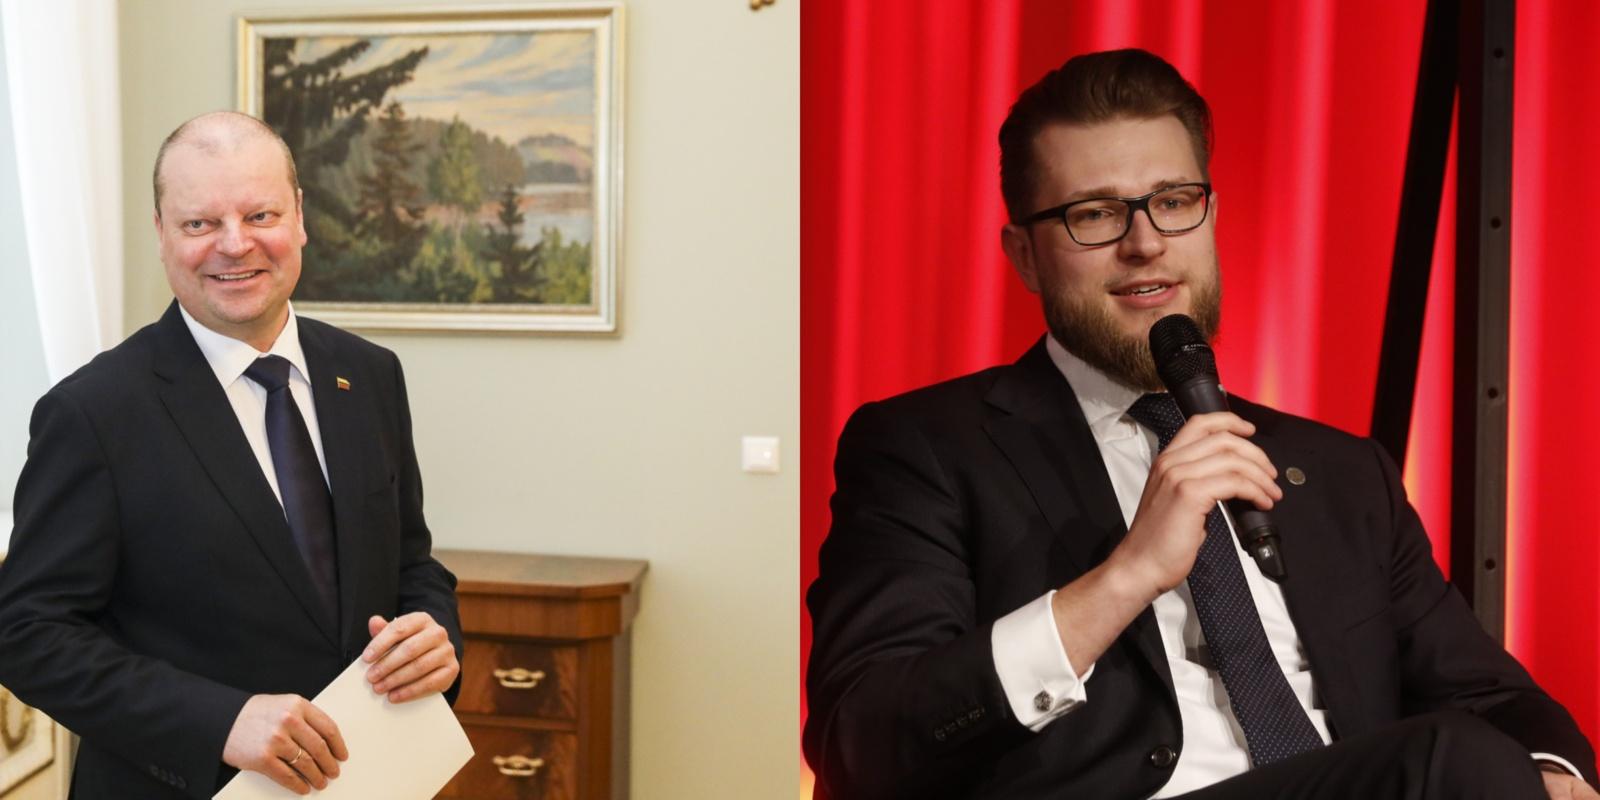 S. Skvernelis pateikė prezidentui L. Savicko kandidatūrą: alternatyvos nėra svarstomos